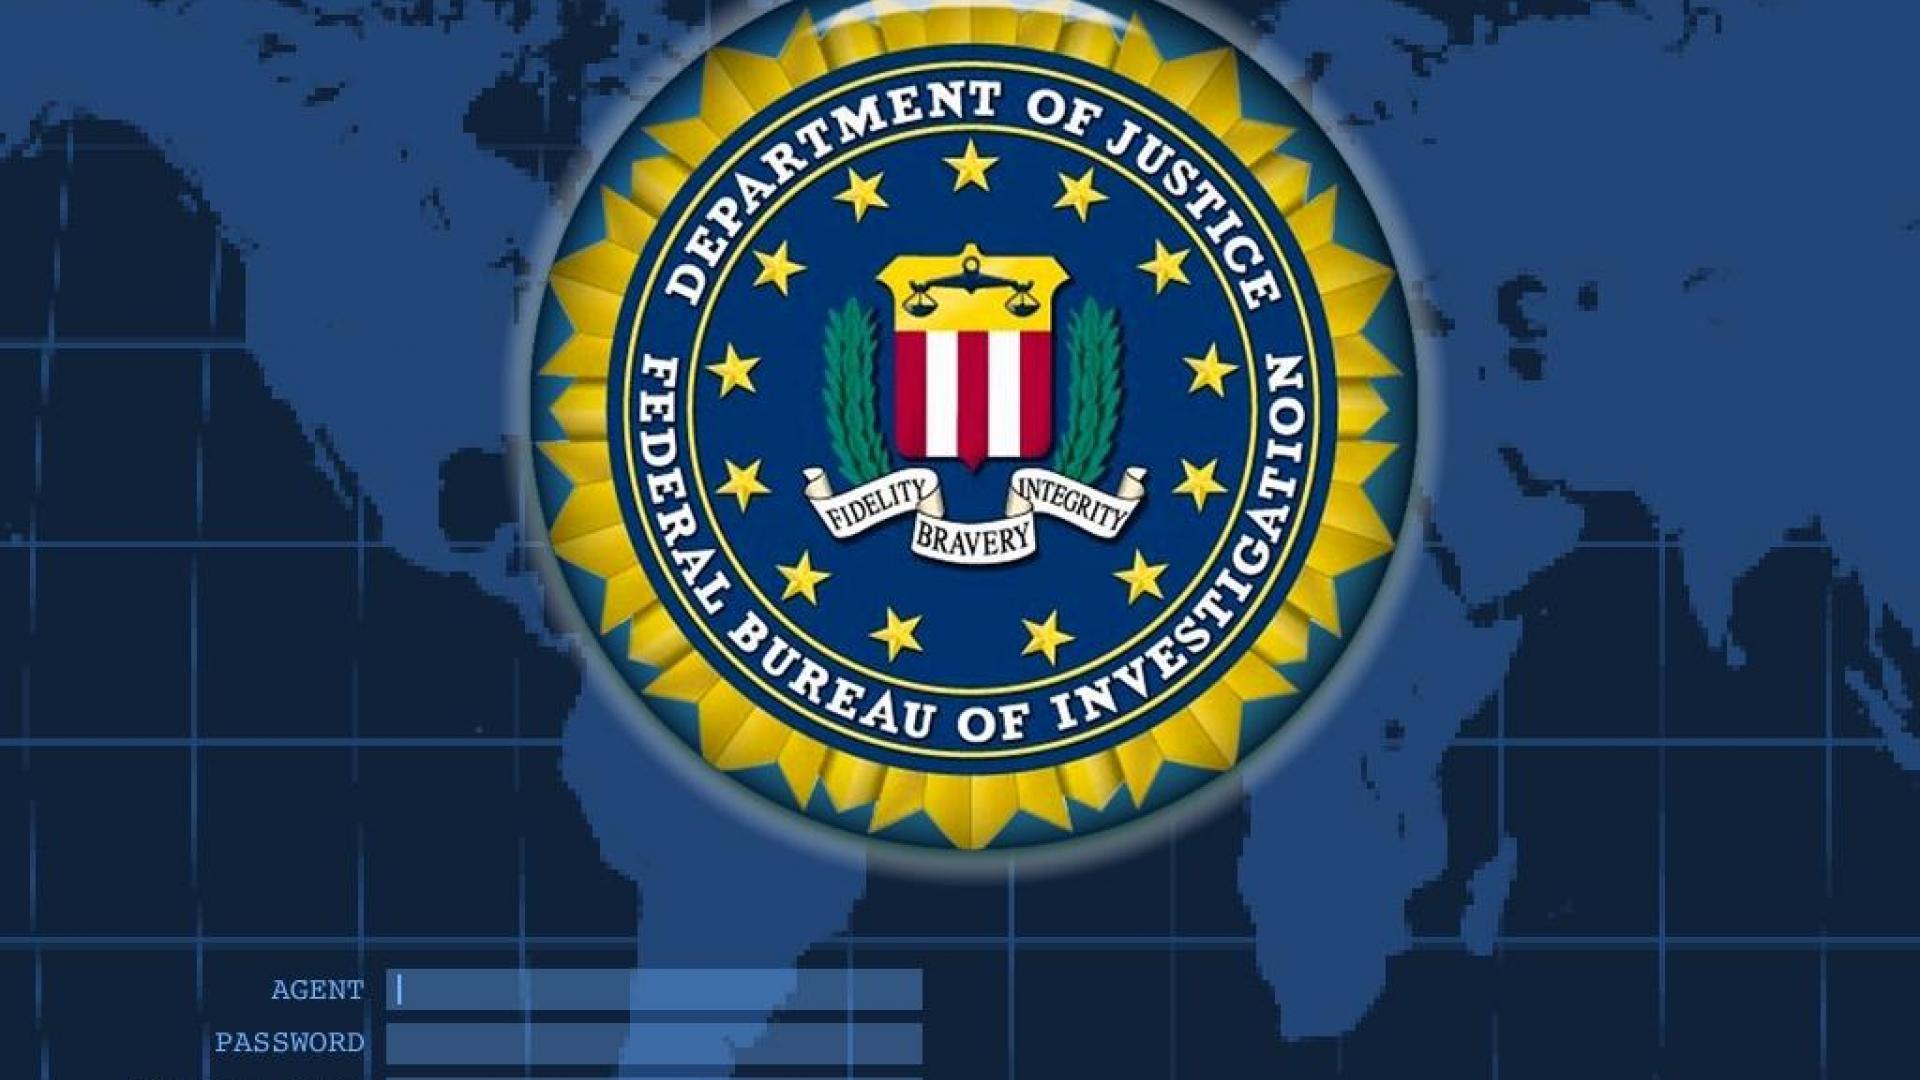 El Fbi Mantendrá El Secreto De Cómo Desbloquear El Iphone